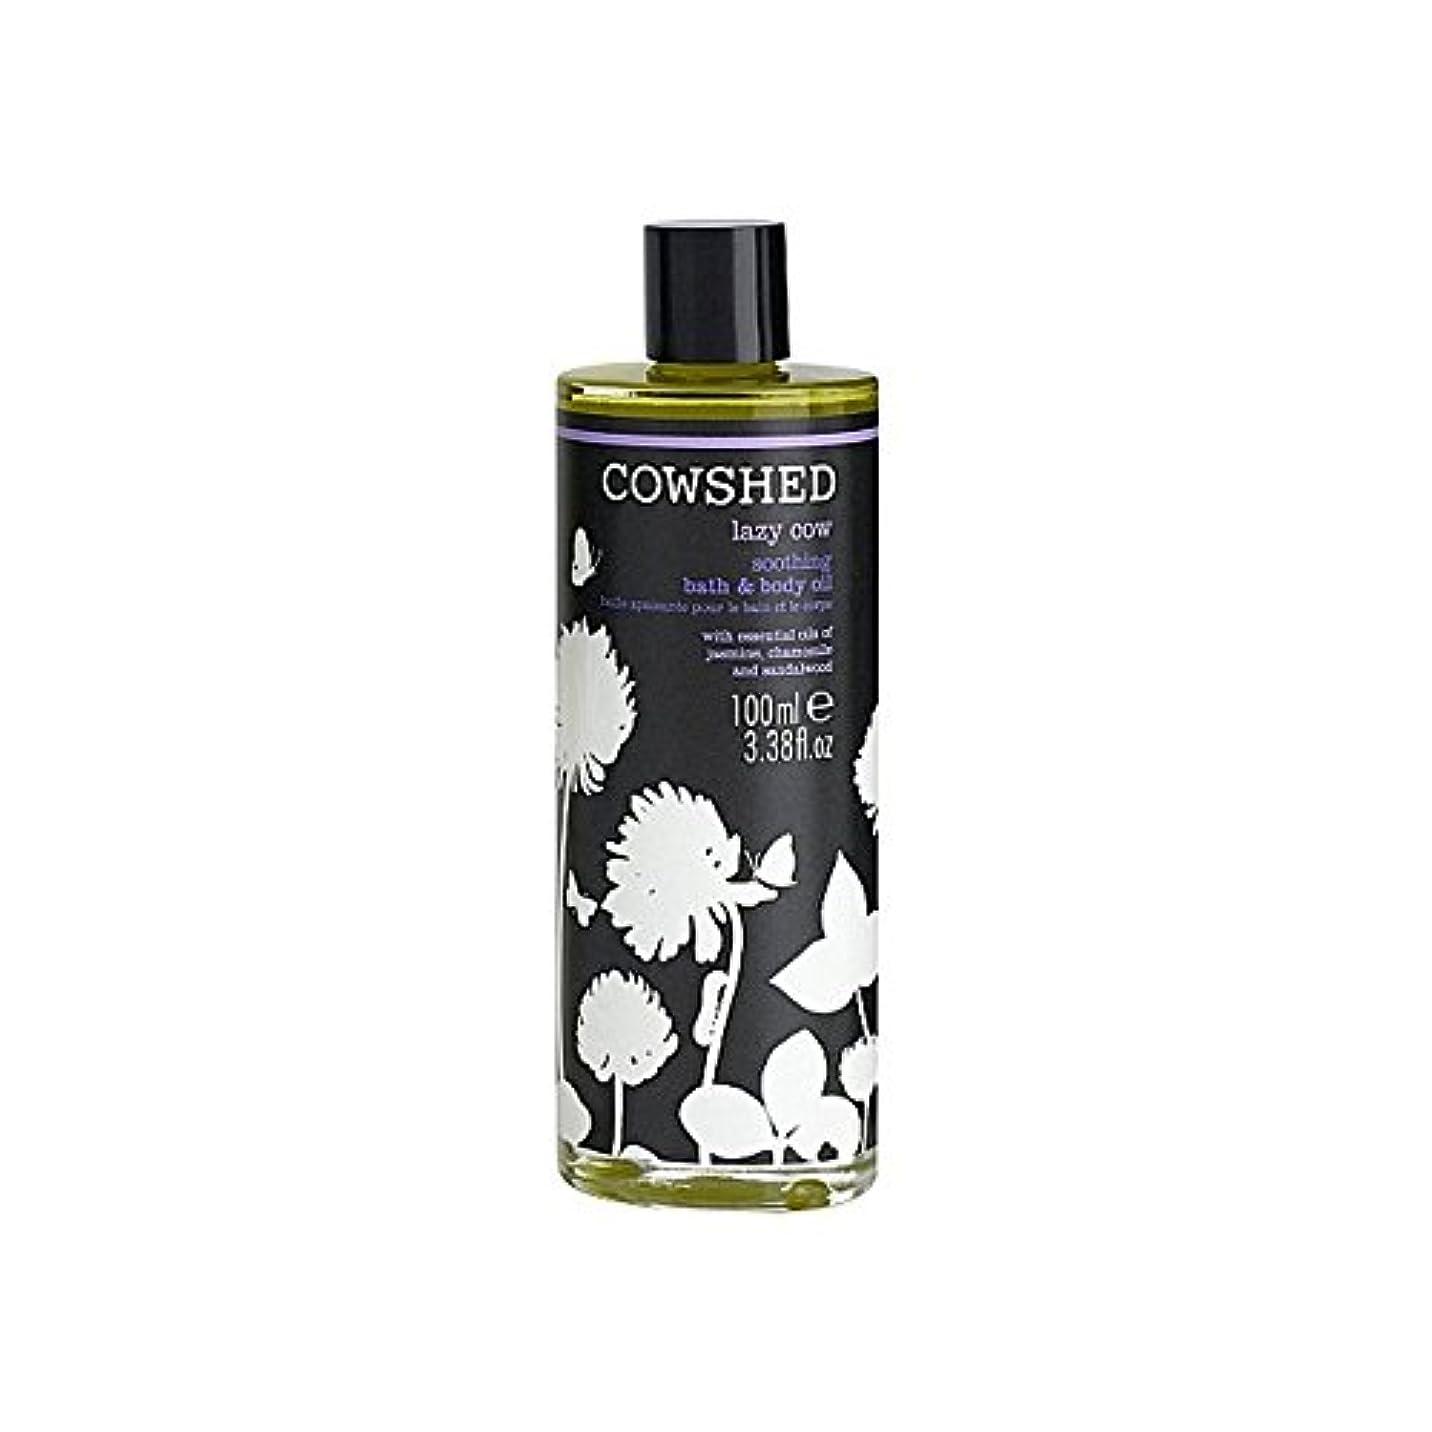 自動車会話絶え間ないCowshed Lazy Cow Soothing Bath & Body Oil 100ml (Pack of 6) - バス&ボディオイル100ミリリットルをなだめる牛舎怠惰な牛 x6 [並行輸入品]